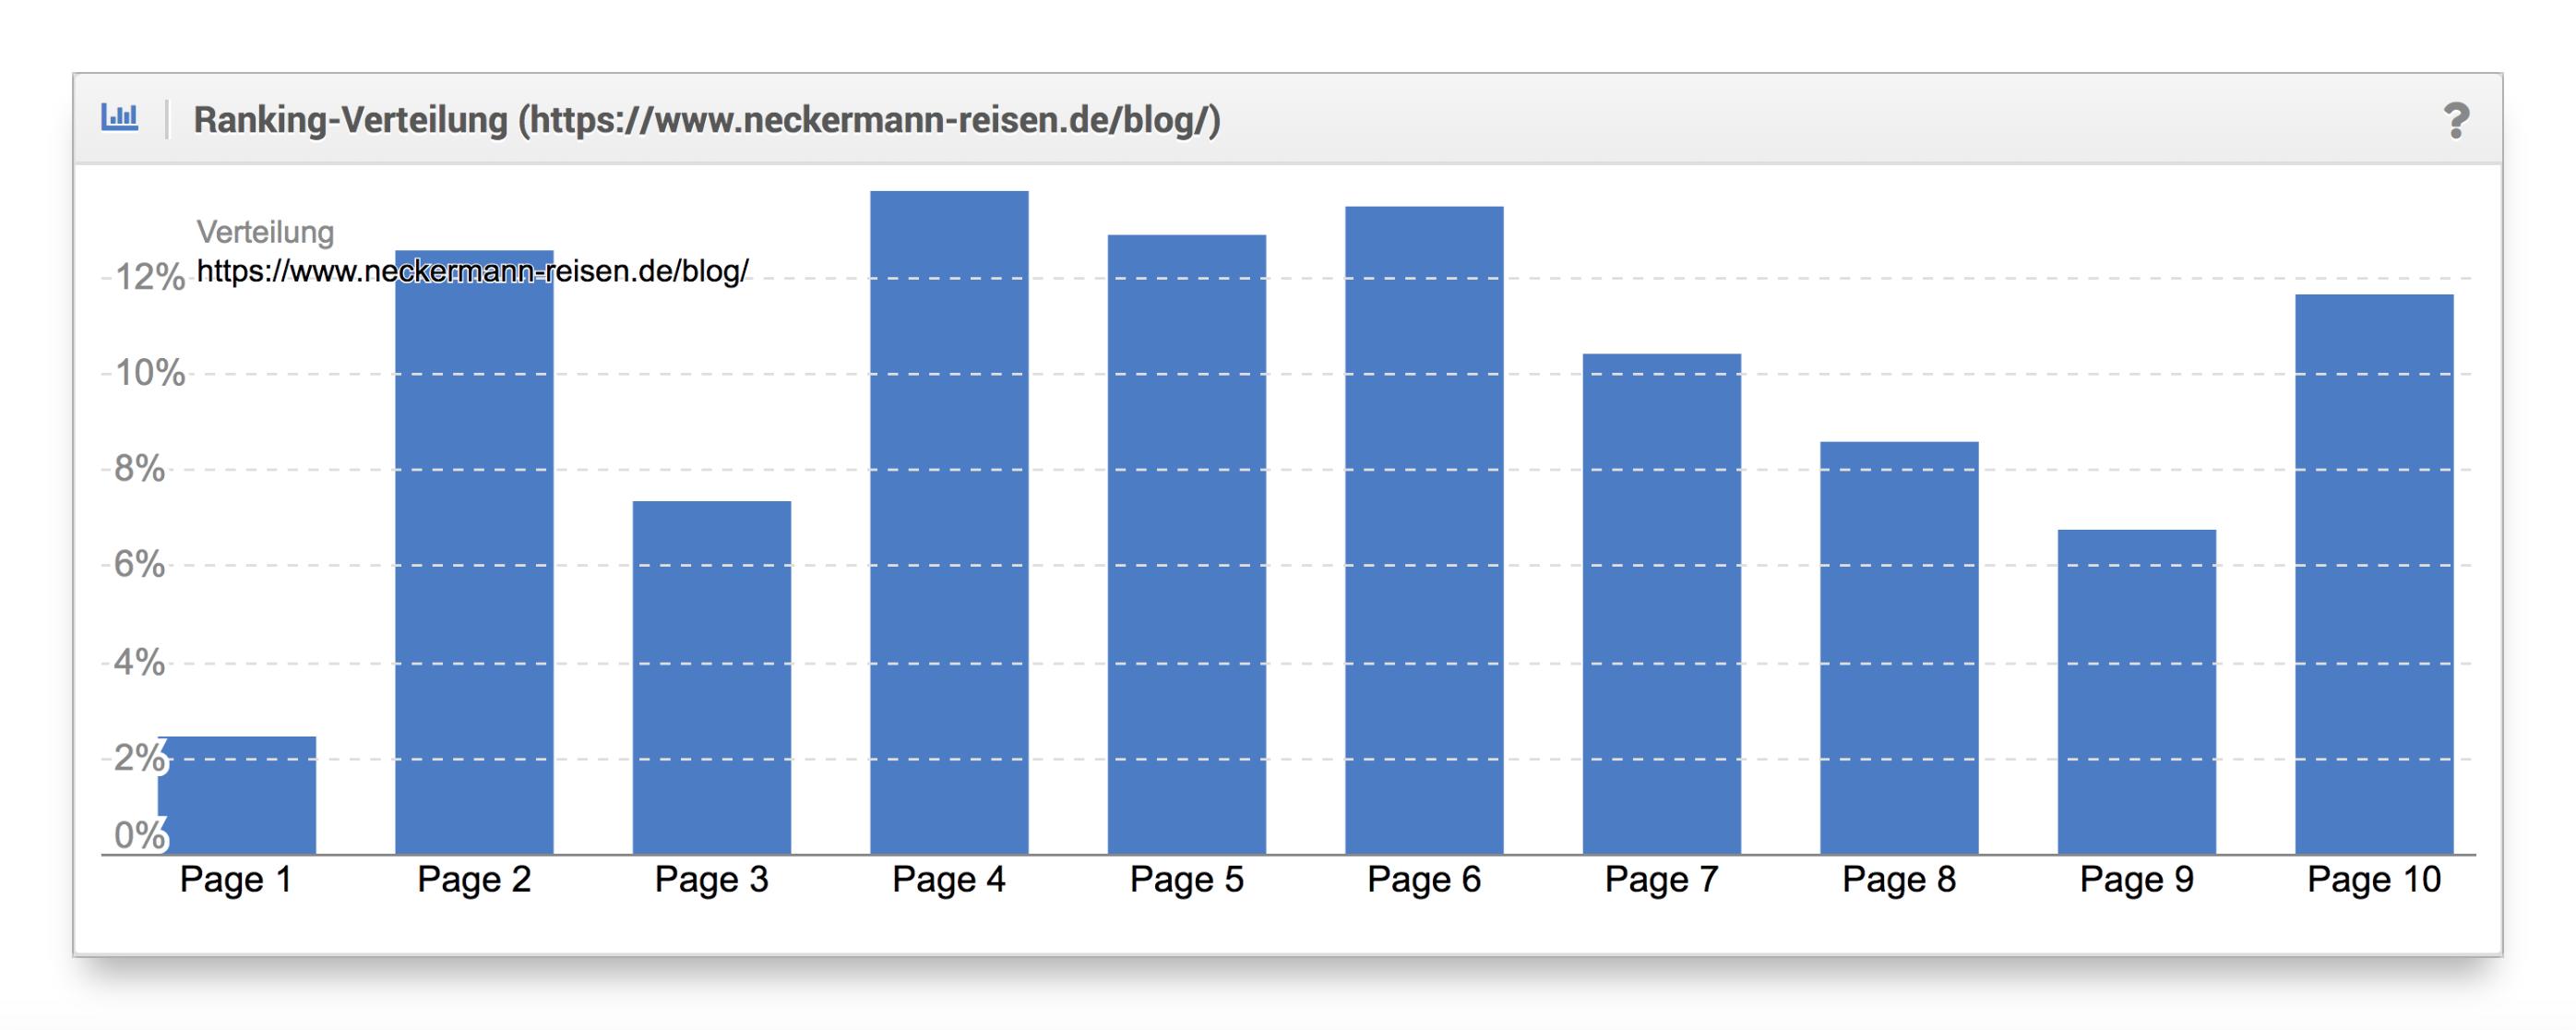 Ranking-Verteilung Blog Neckermann Reisen